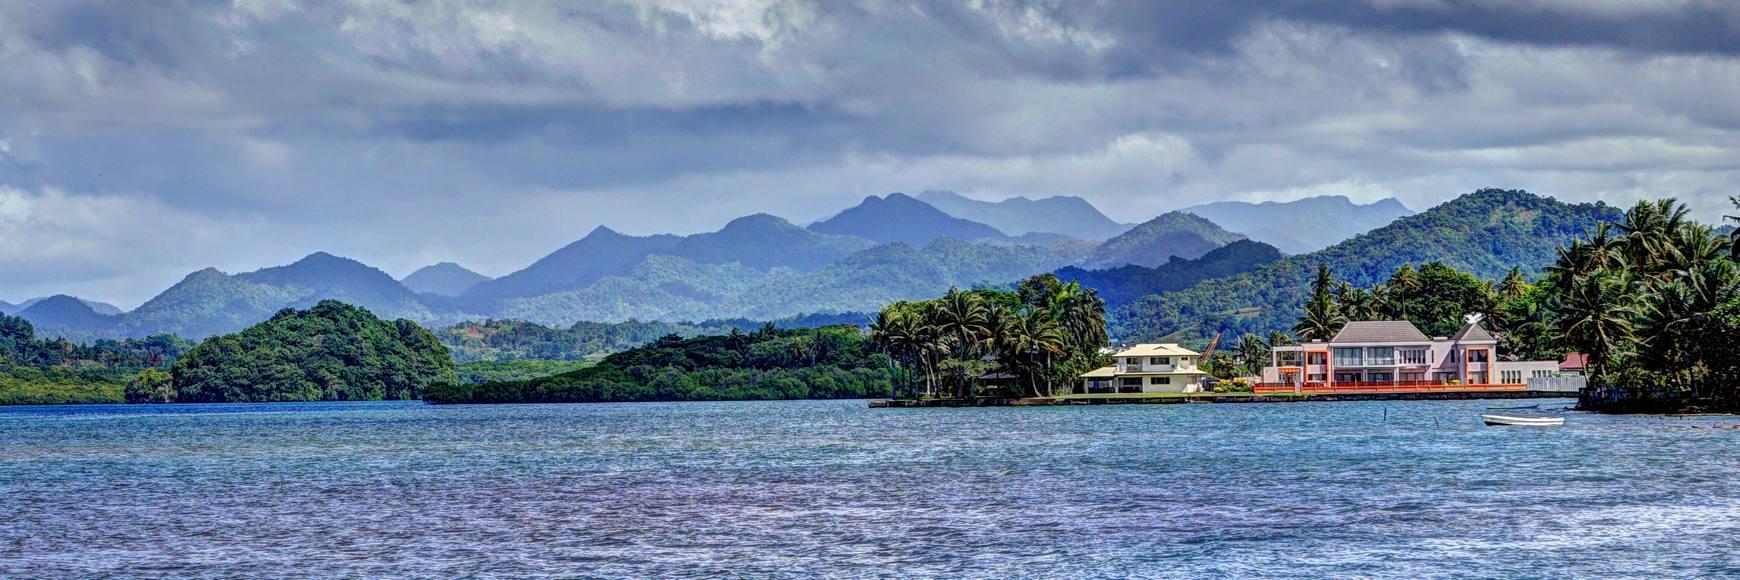 noleggio barca a motore Figi